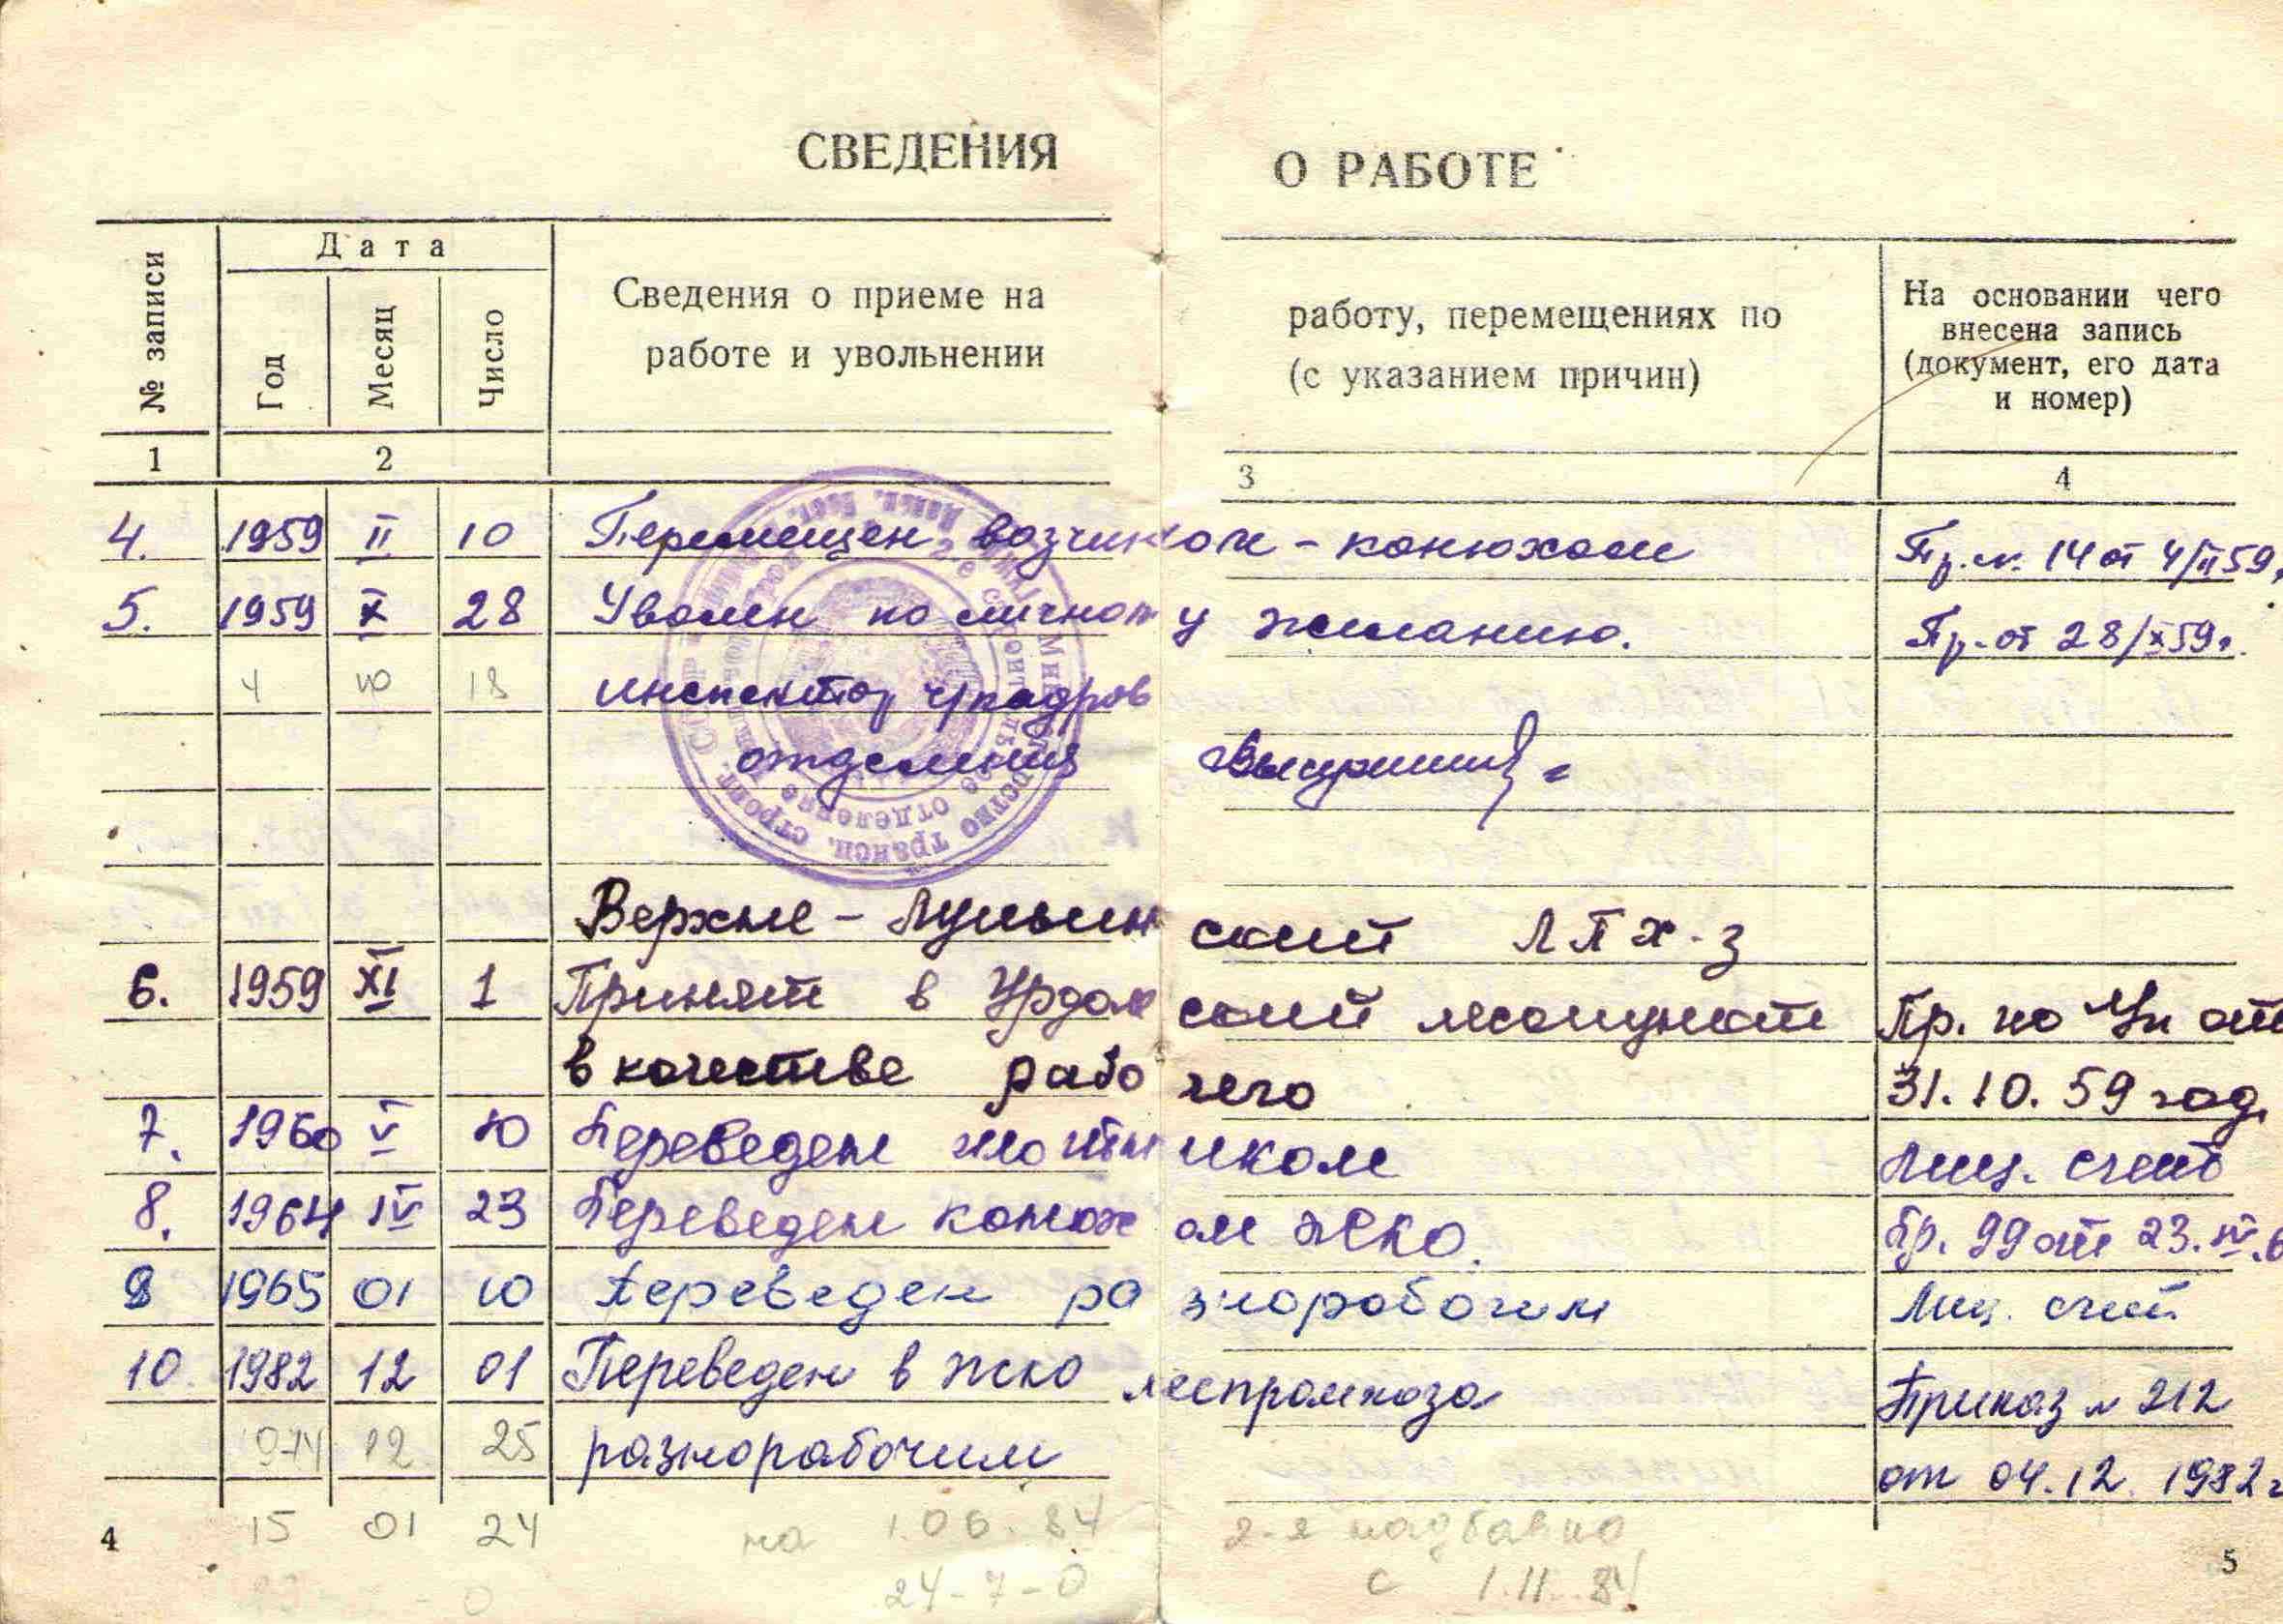 30. Трудовая книжка Барыкина ПП, 1951.